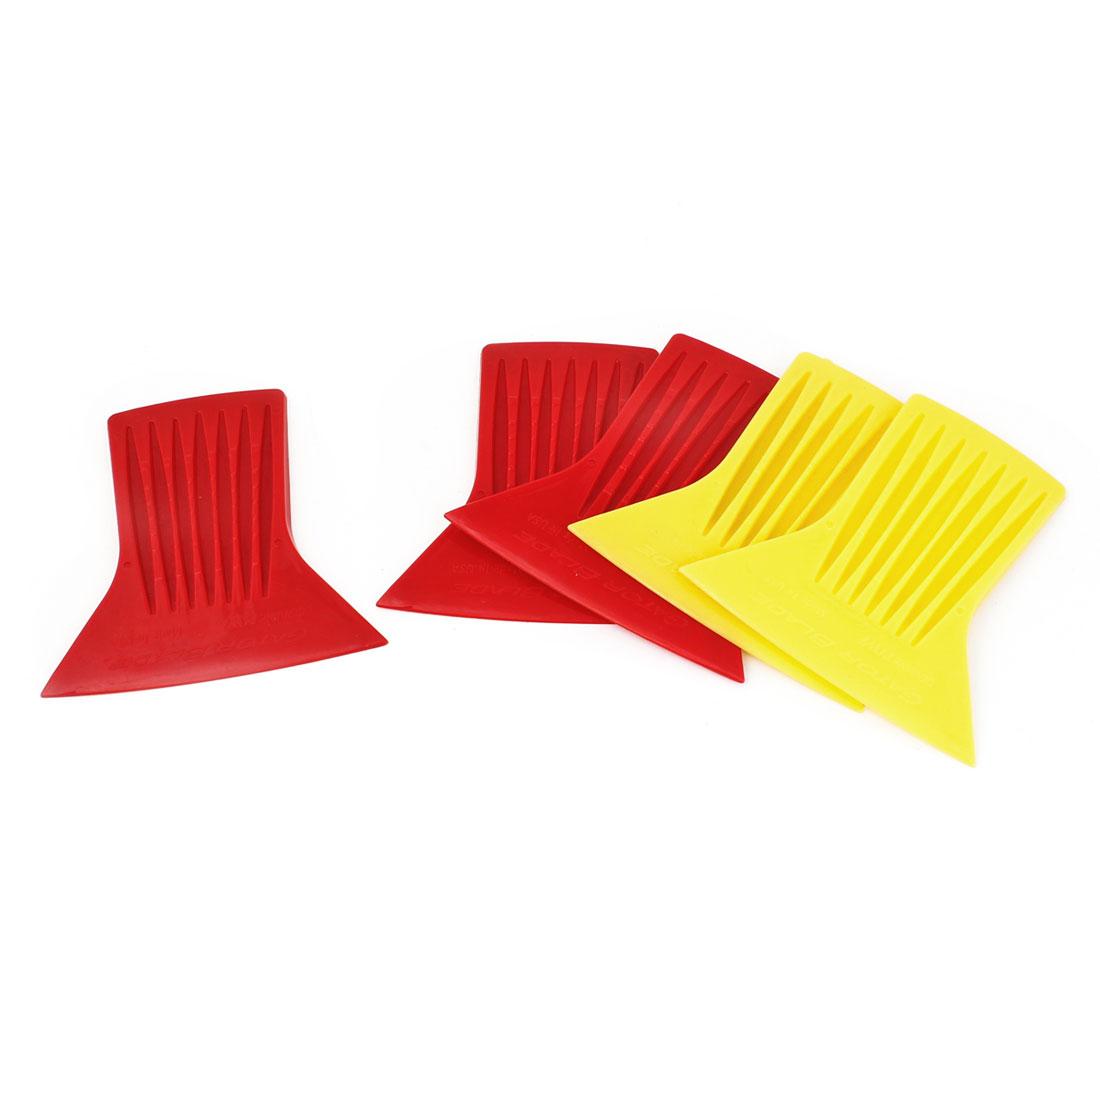 5PCS 8.7CM Long Yellow Red Plastic Scraper Blade Clean Toolfor Car